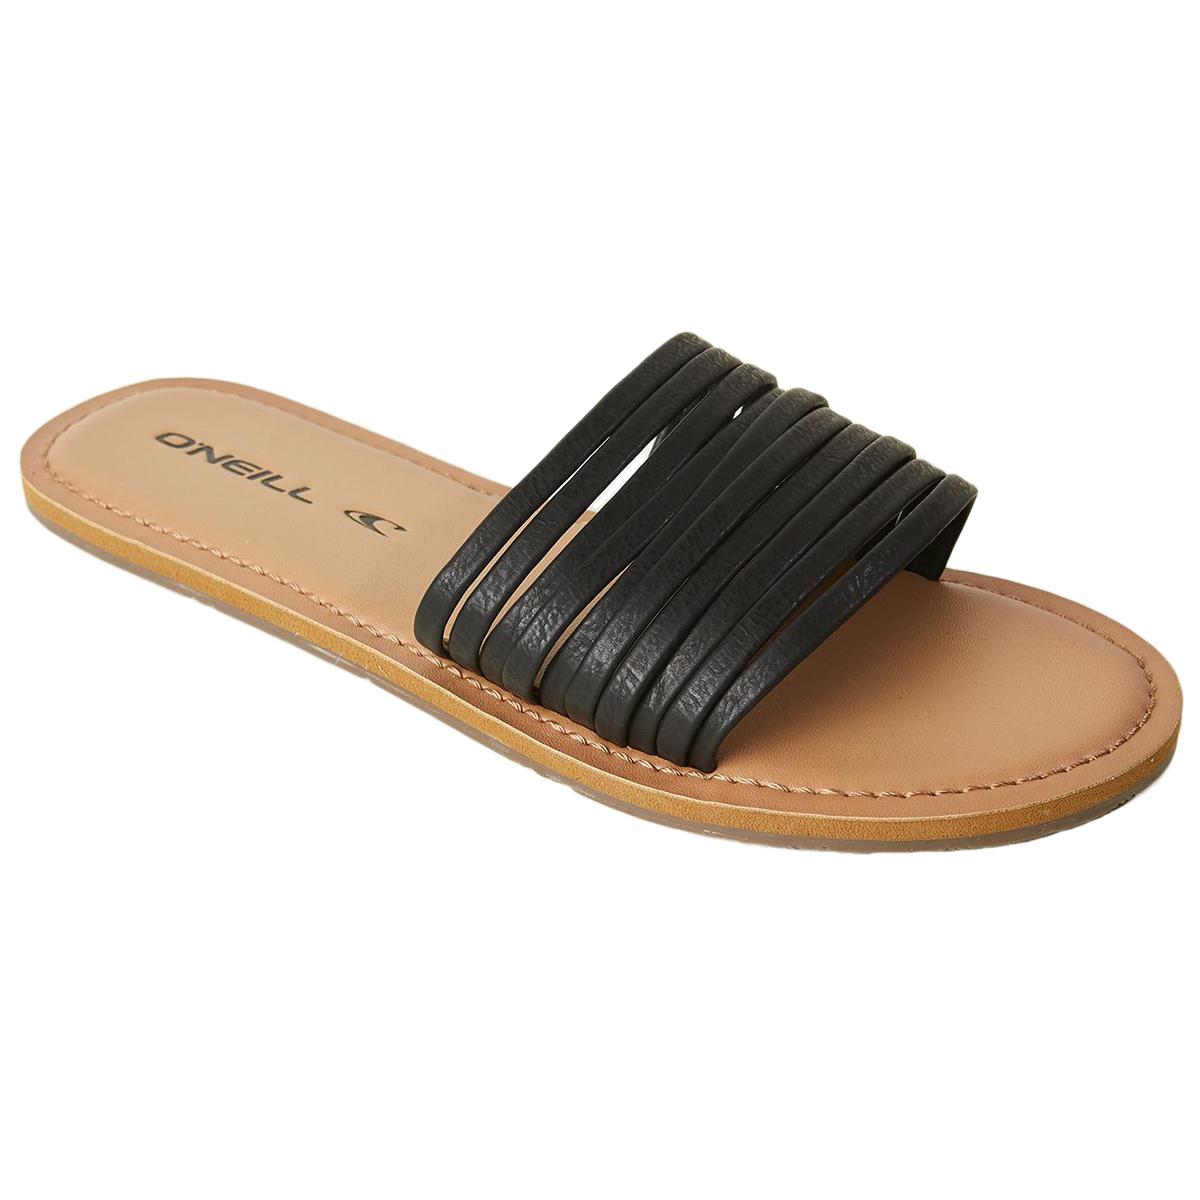 O'neill Women's Laguna Slide Sandal - Black, 8